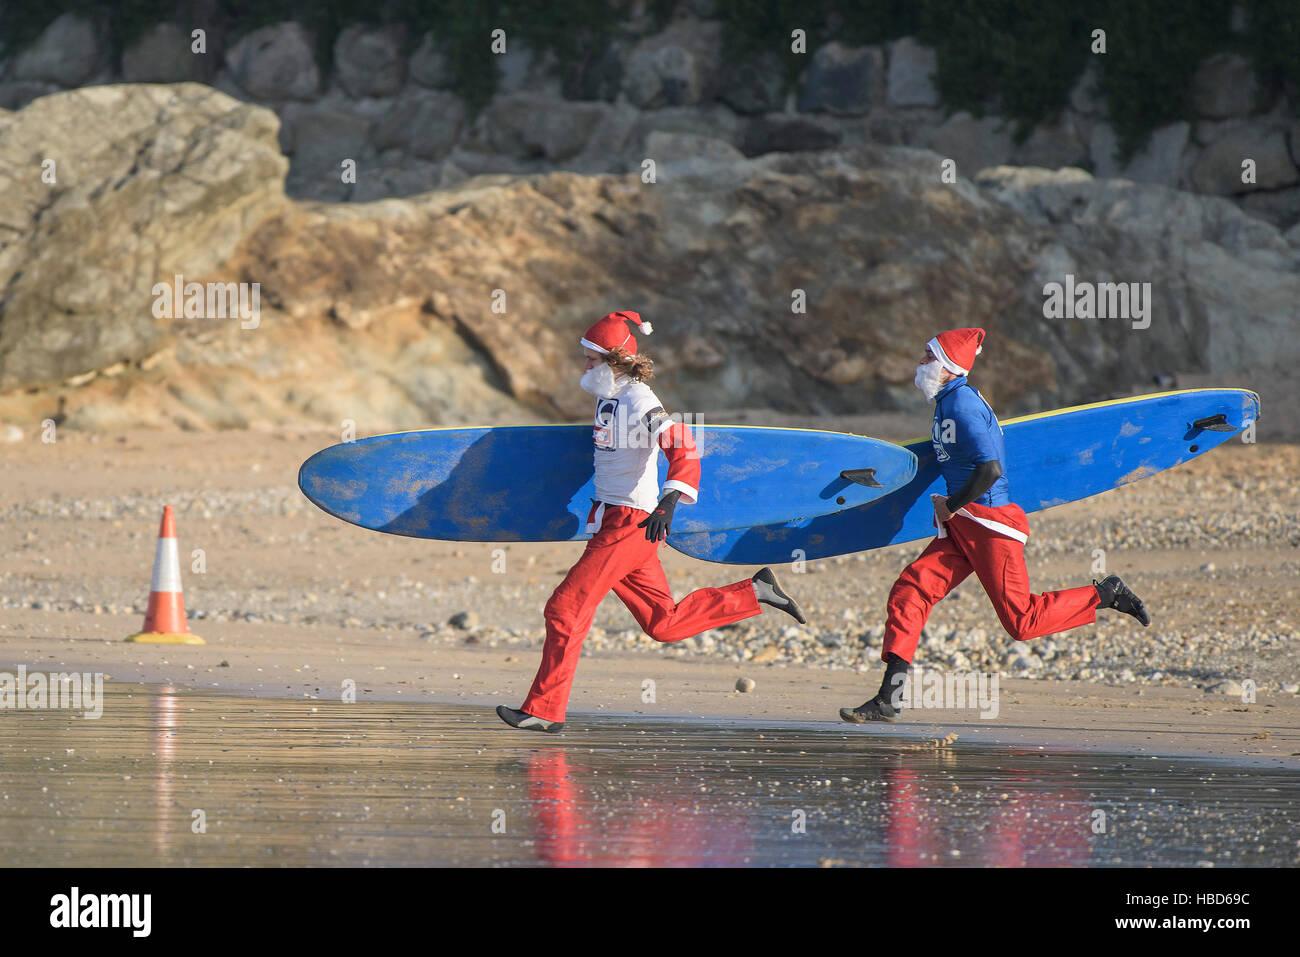 Surfen Sie Santas Rennen am Strand entlang in die jährliche Spendenaktion Santa Surf-Wettbewerb, an einem sehr Stockbild